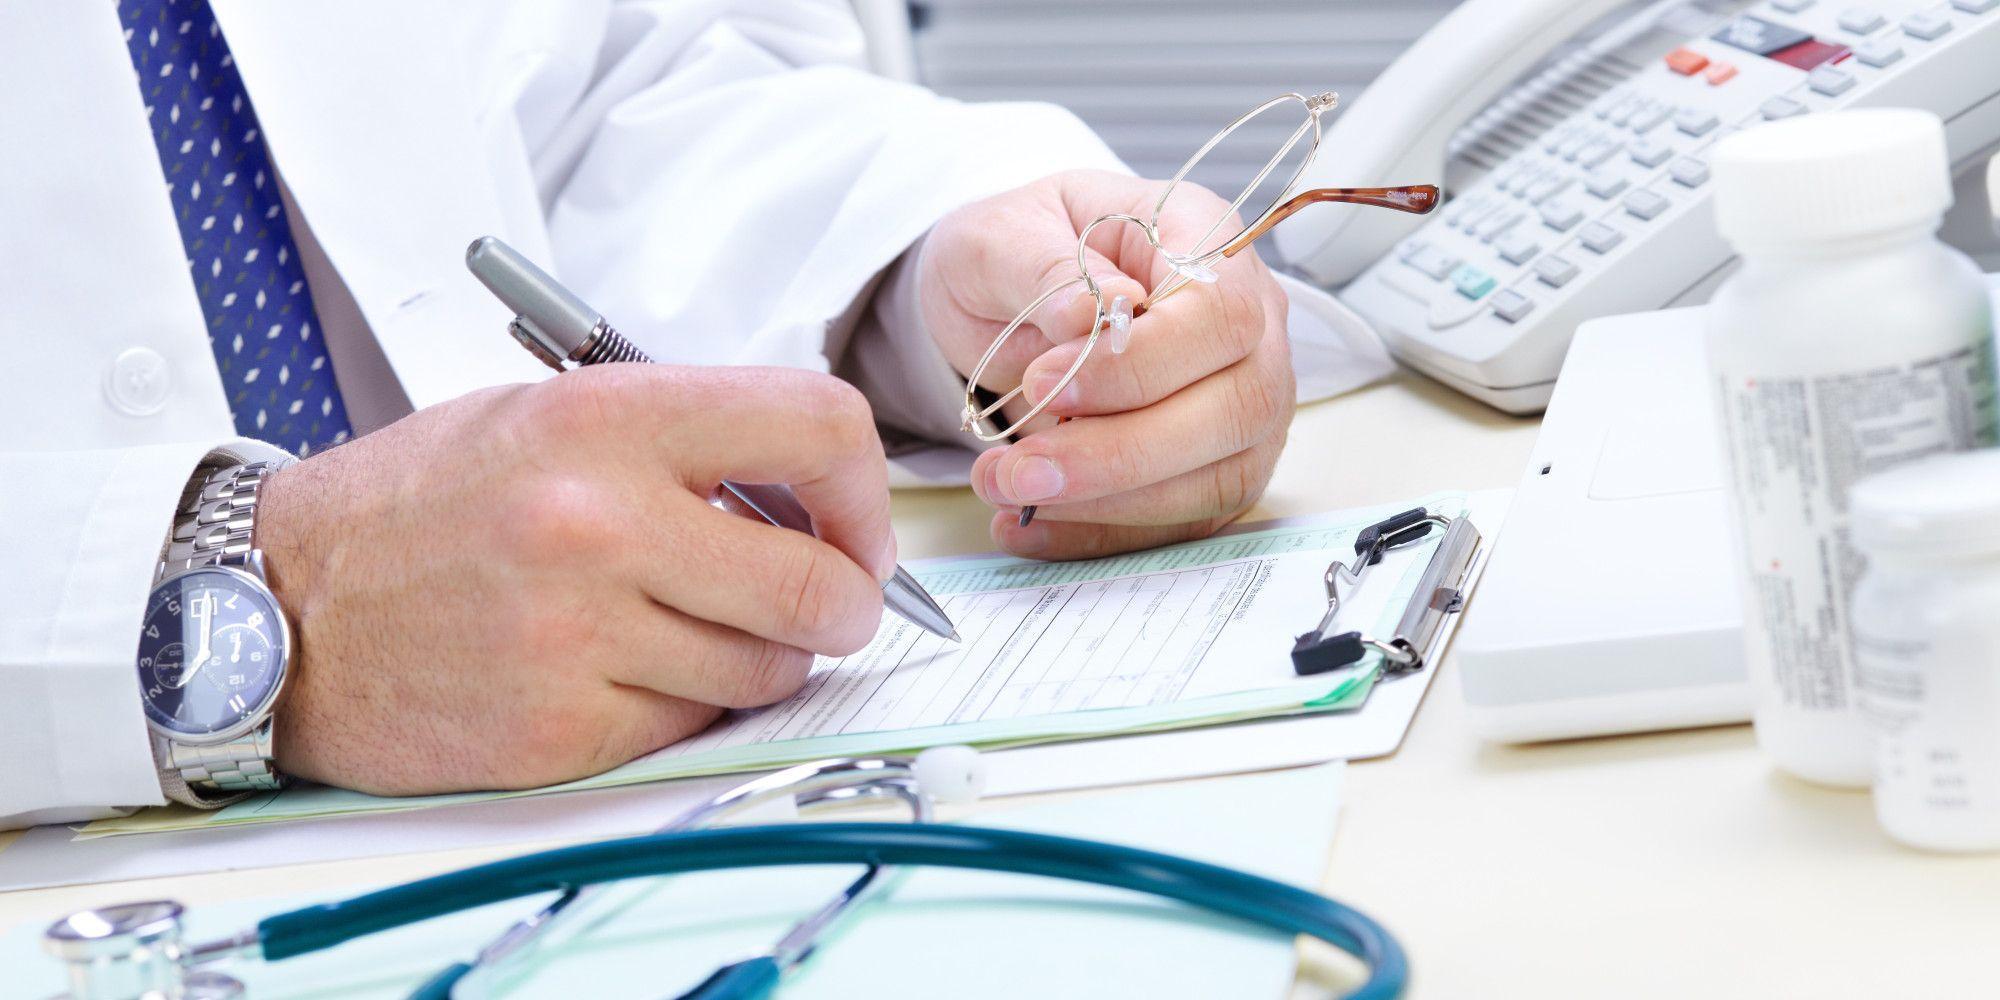 Благотворительные фонды просят вывести лекарства и медтехнику из-под контрсанкций